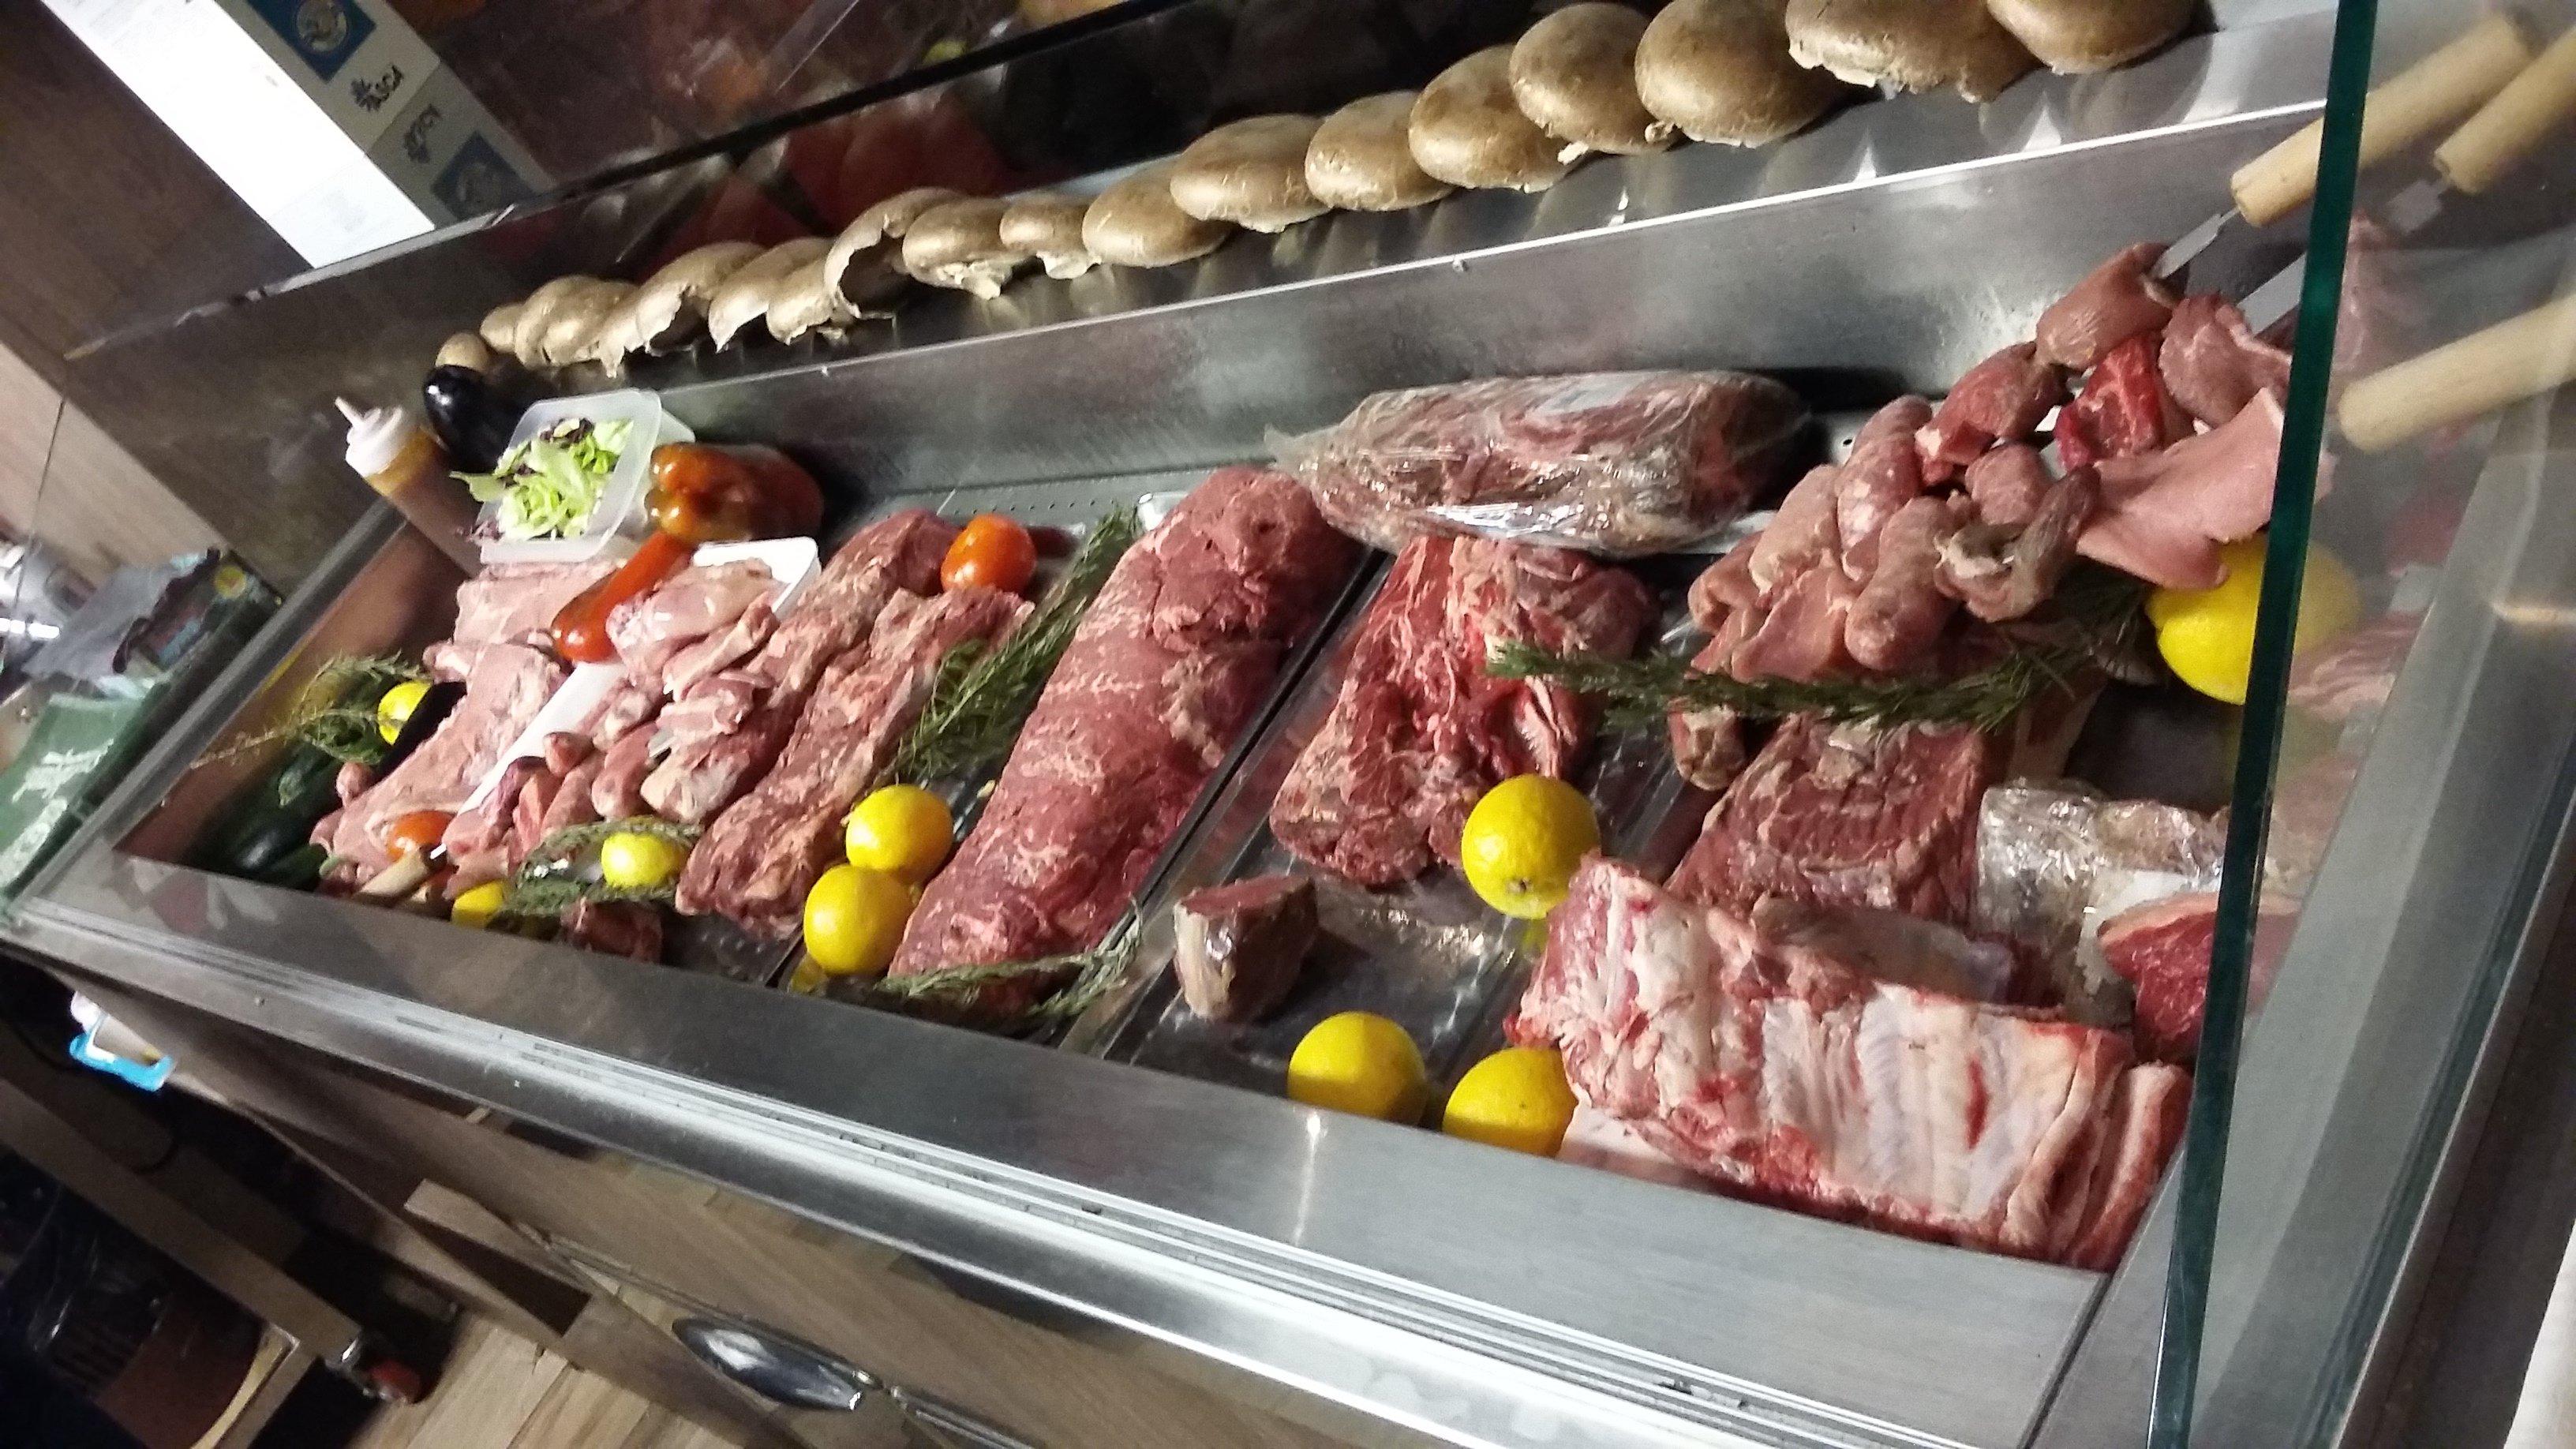 i 5 migliori ristoranti di cucina messicana in modena nella nostra ... - Ristorante La Cucina Modena